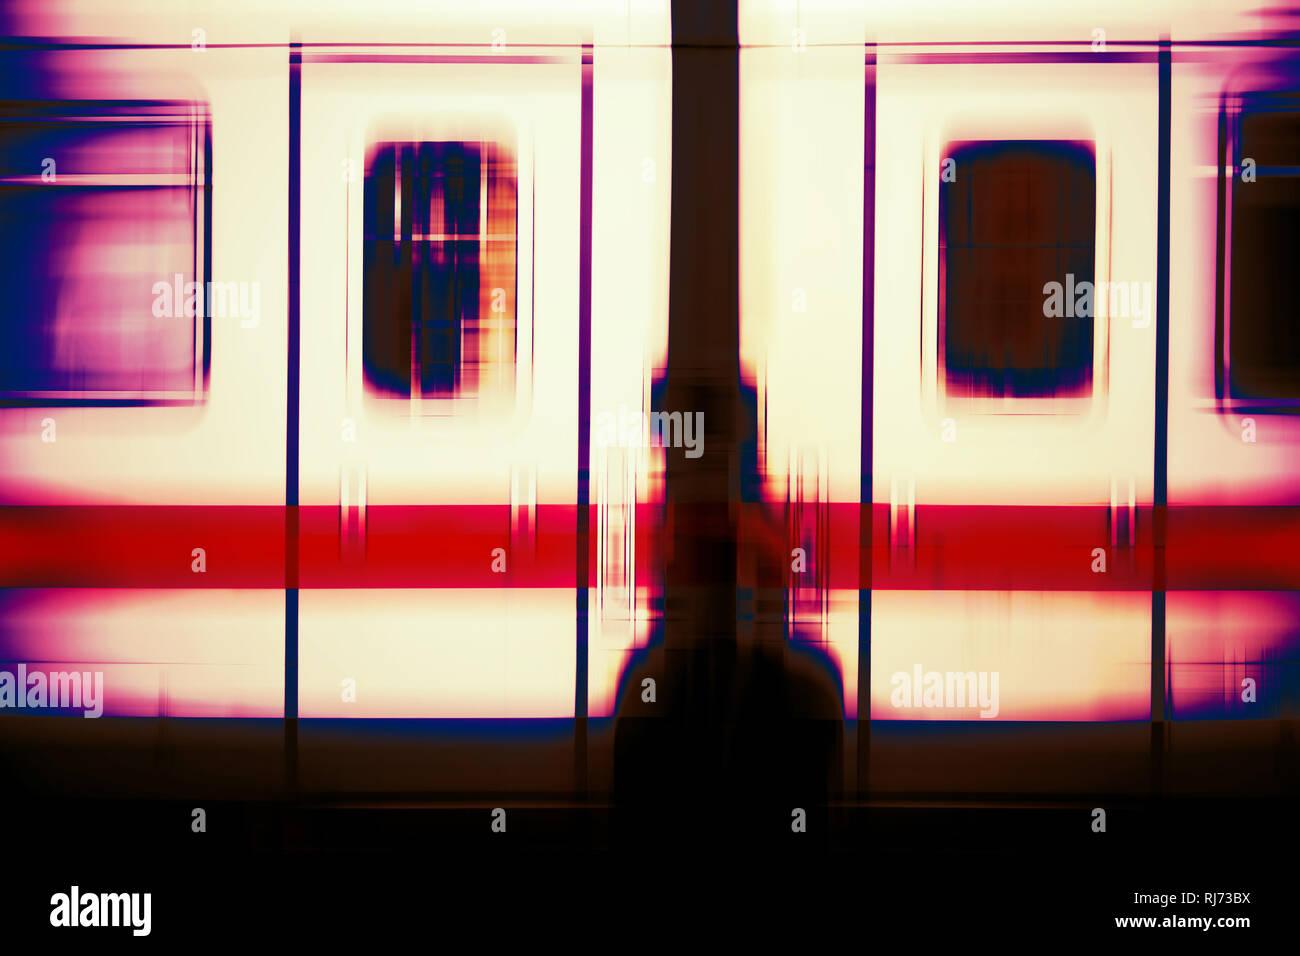 Abstrakt verwischte Außenkarosse eines Personenzuges mit zwei Fenstern und Türen, - Stock Image